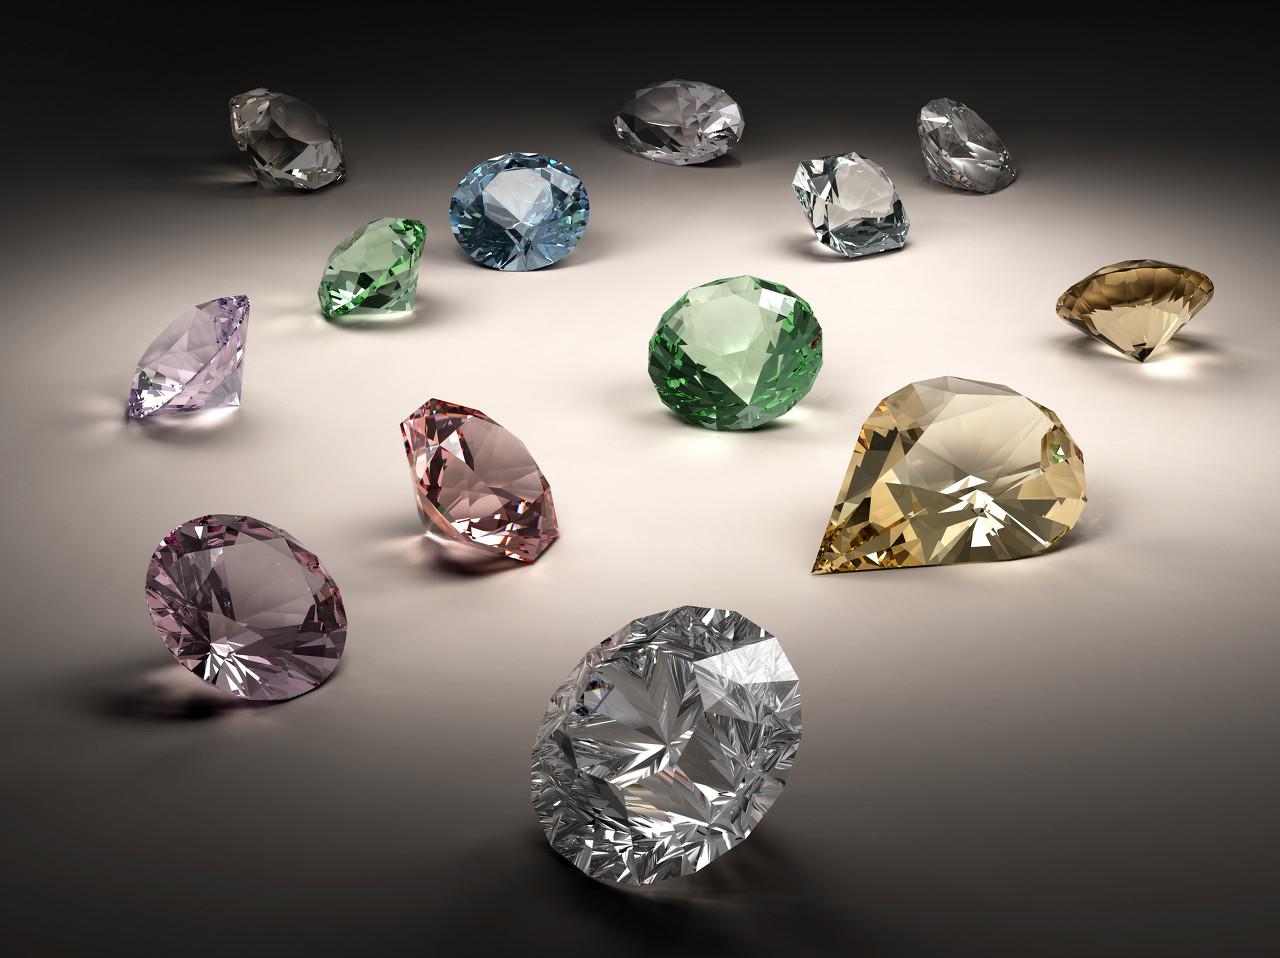 潘多拉宣布停止使用天然钻石 转而使用实验室生产的人造钻石